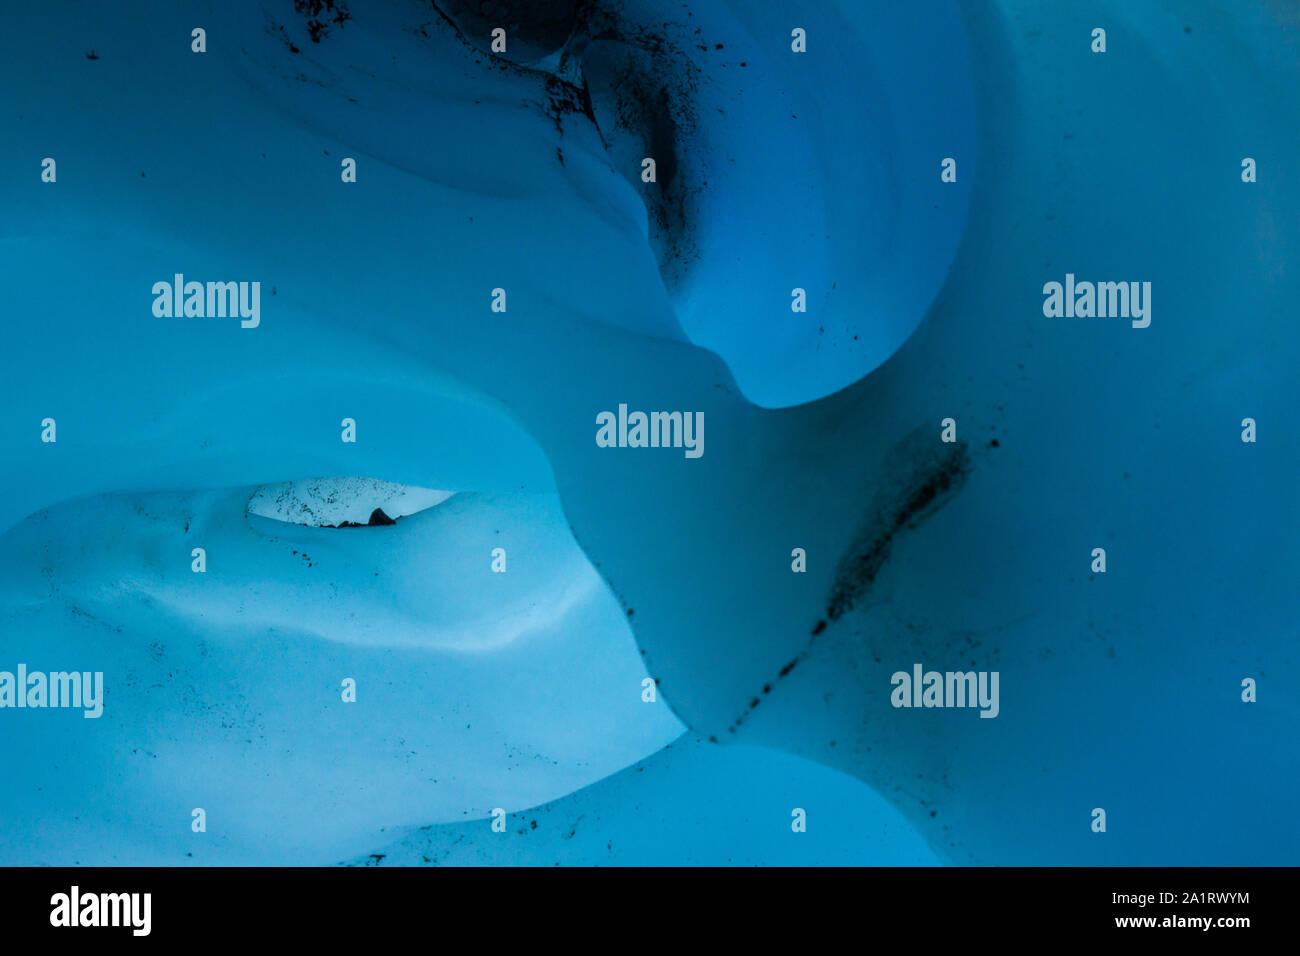 Cortar un arco de hielo glaciar tiene el aspecto de una nariz, mientras dos huecos parecen crear sockets en ojo de hielo de formas extrañas en el interior de una cueva de hielo en Alaska. Foto de stock